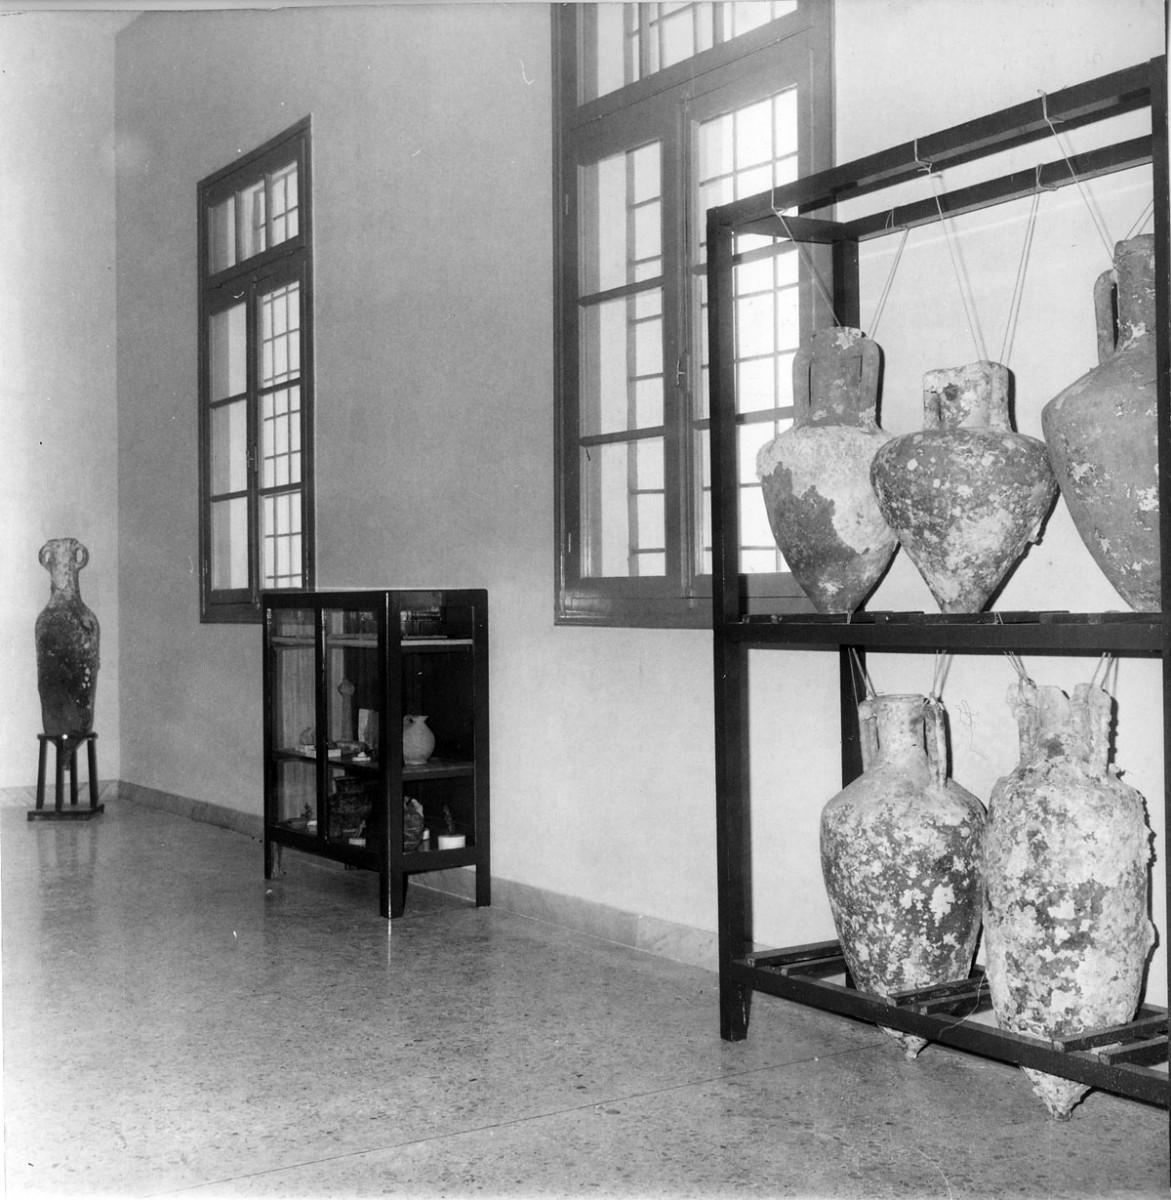 Η έκθεση στο κτήριο του Κυθηραϊκού Συνδέσμου (φωτ. Εφορεία Αρχαιοτήτων Δυτικής Αττικής, Πειραιώς και Νήσων).